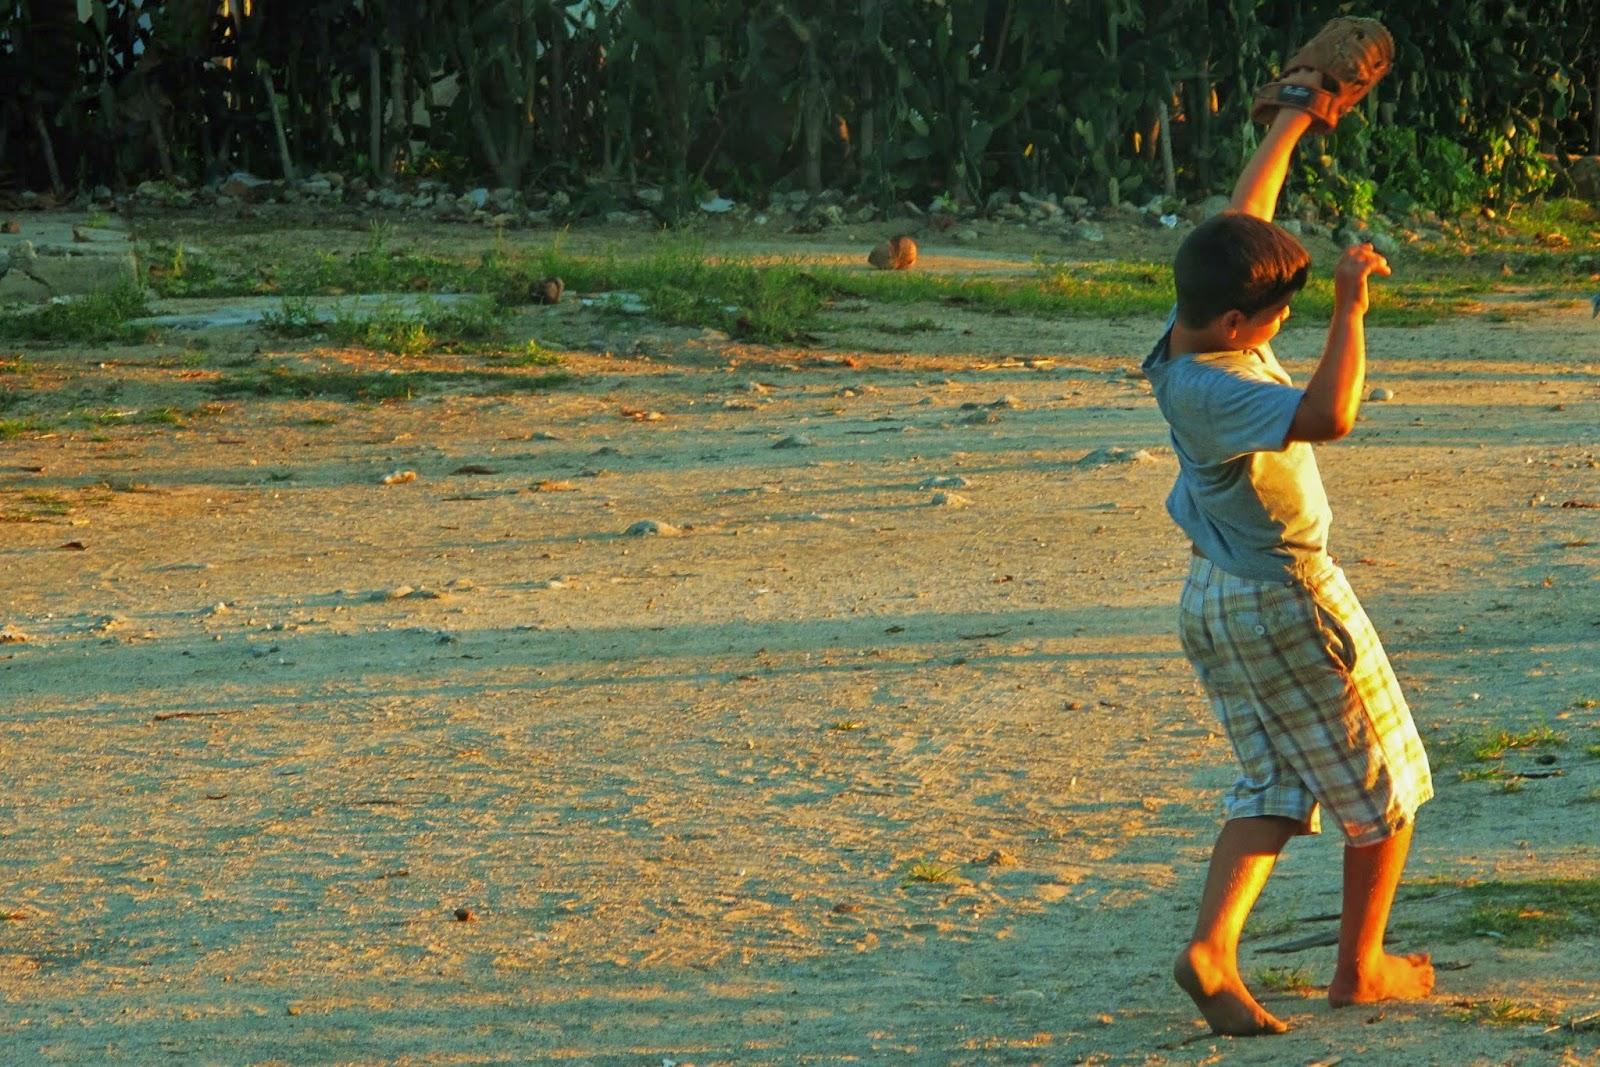 Nativo jogando beisebol, esporte mais comum de Cuba